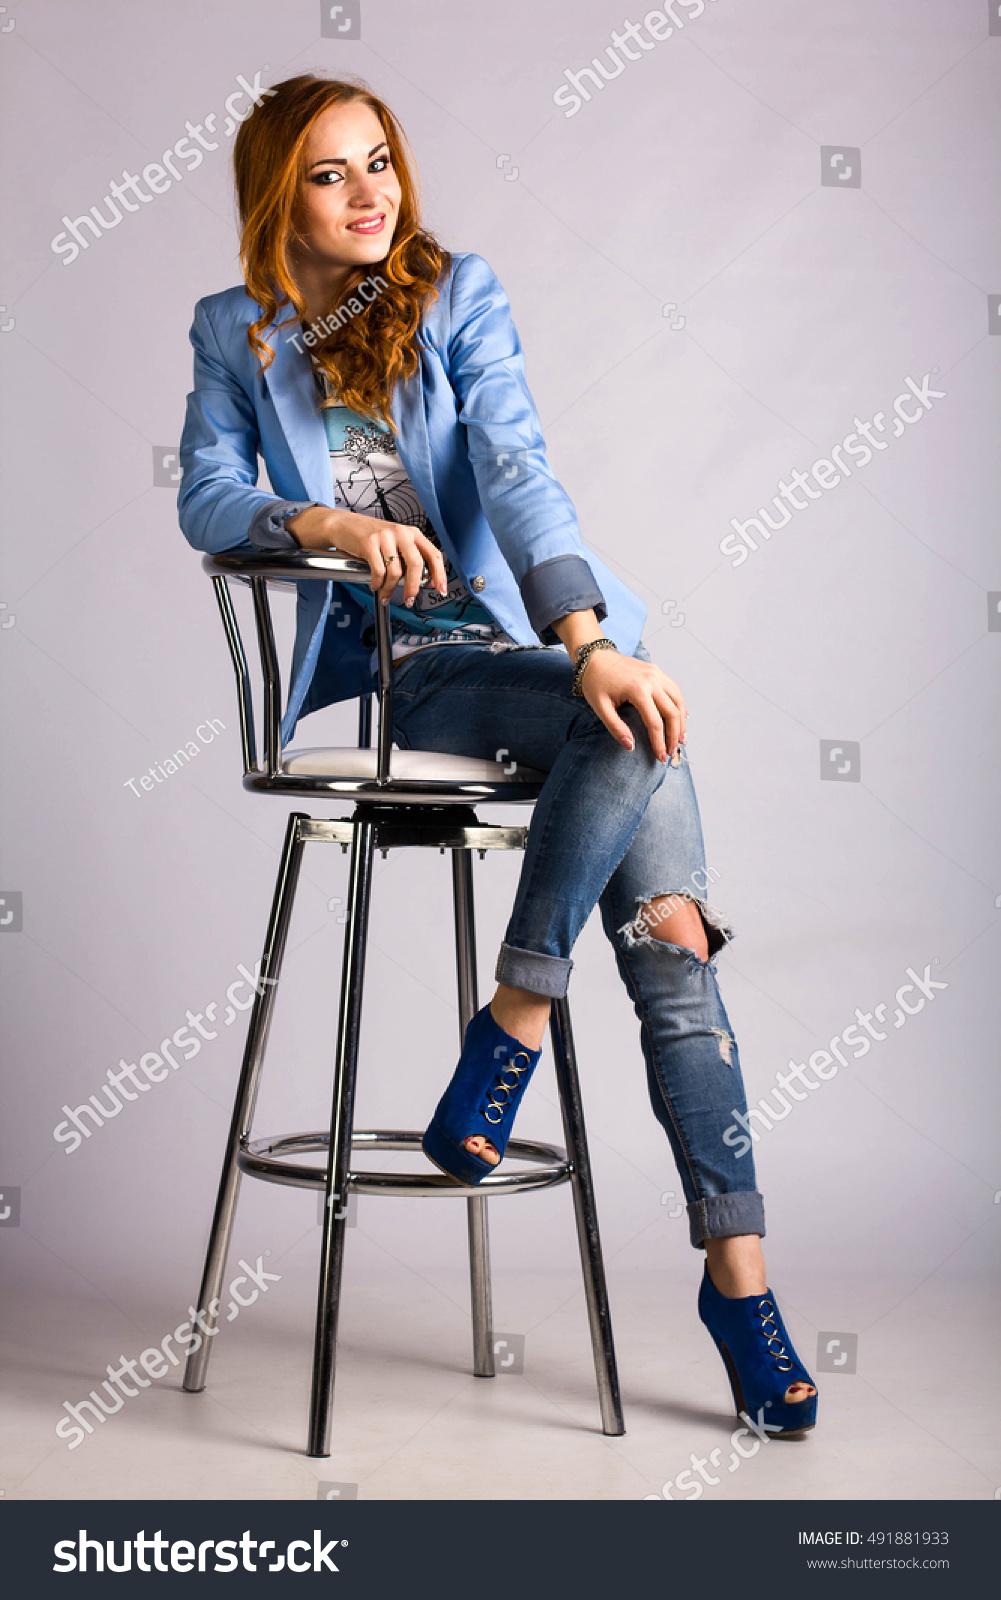 Girl on bar stool like your